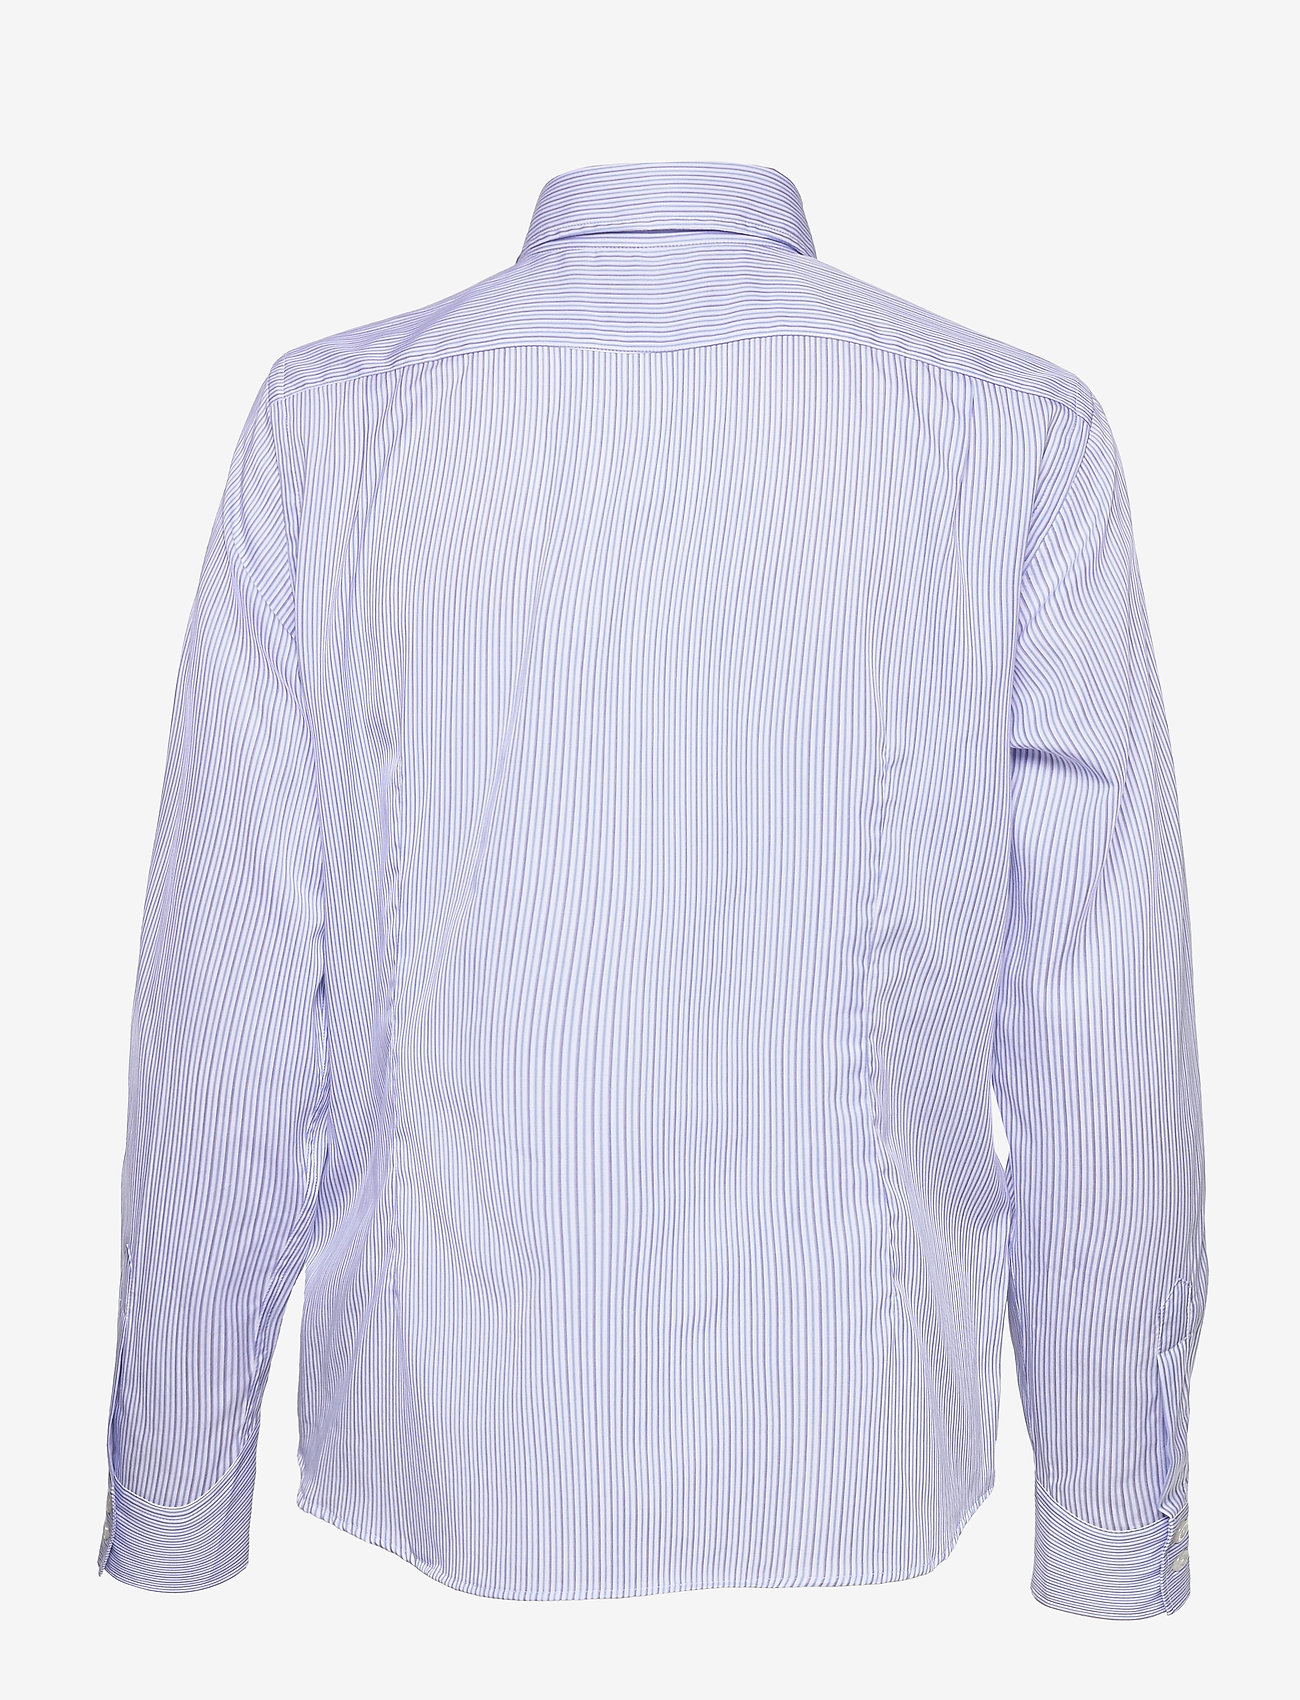 SAND - 8748 - Sandie New - chemises à manches longues - blue - 1